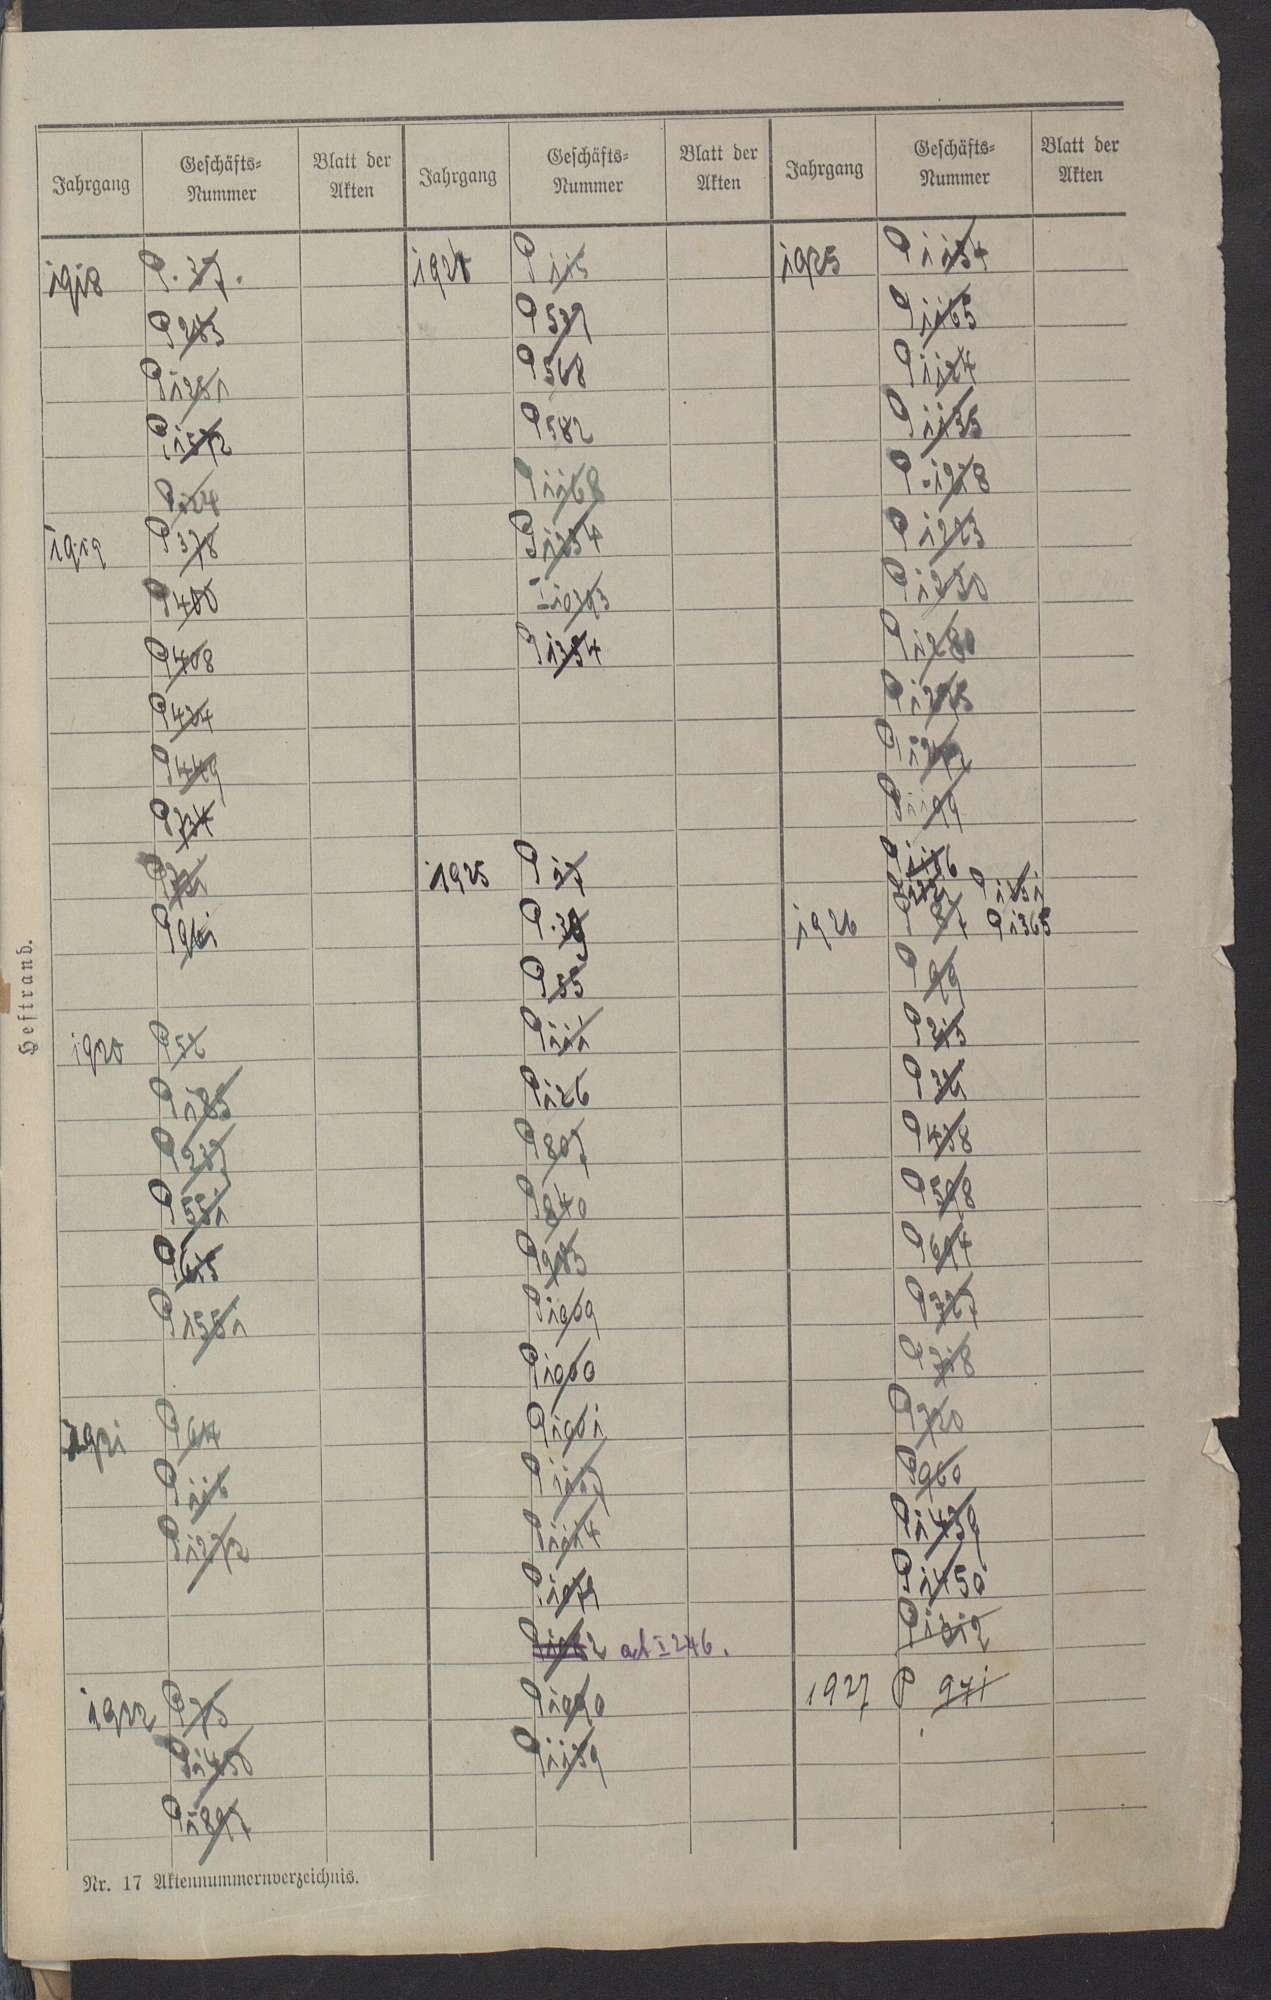 Organisation der allgemeinen Landesverwaltung nach dem Gesetz vom 26. Juli 1880, Zuständigkeit der Verwaltungsbehörden und Verwaltungsgerichte und Ausführung des Gesetzes über die allgemeine Landesverwaltung vom 30. Juli 1883, Bild 2